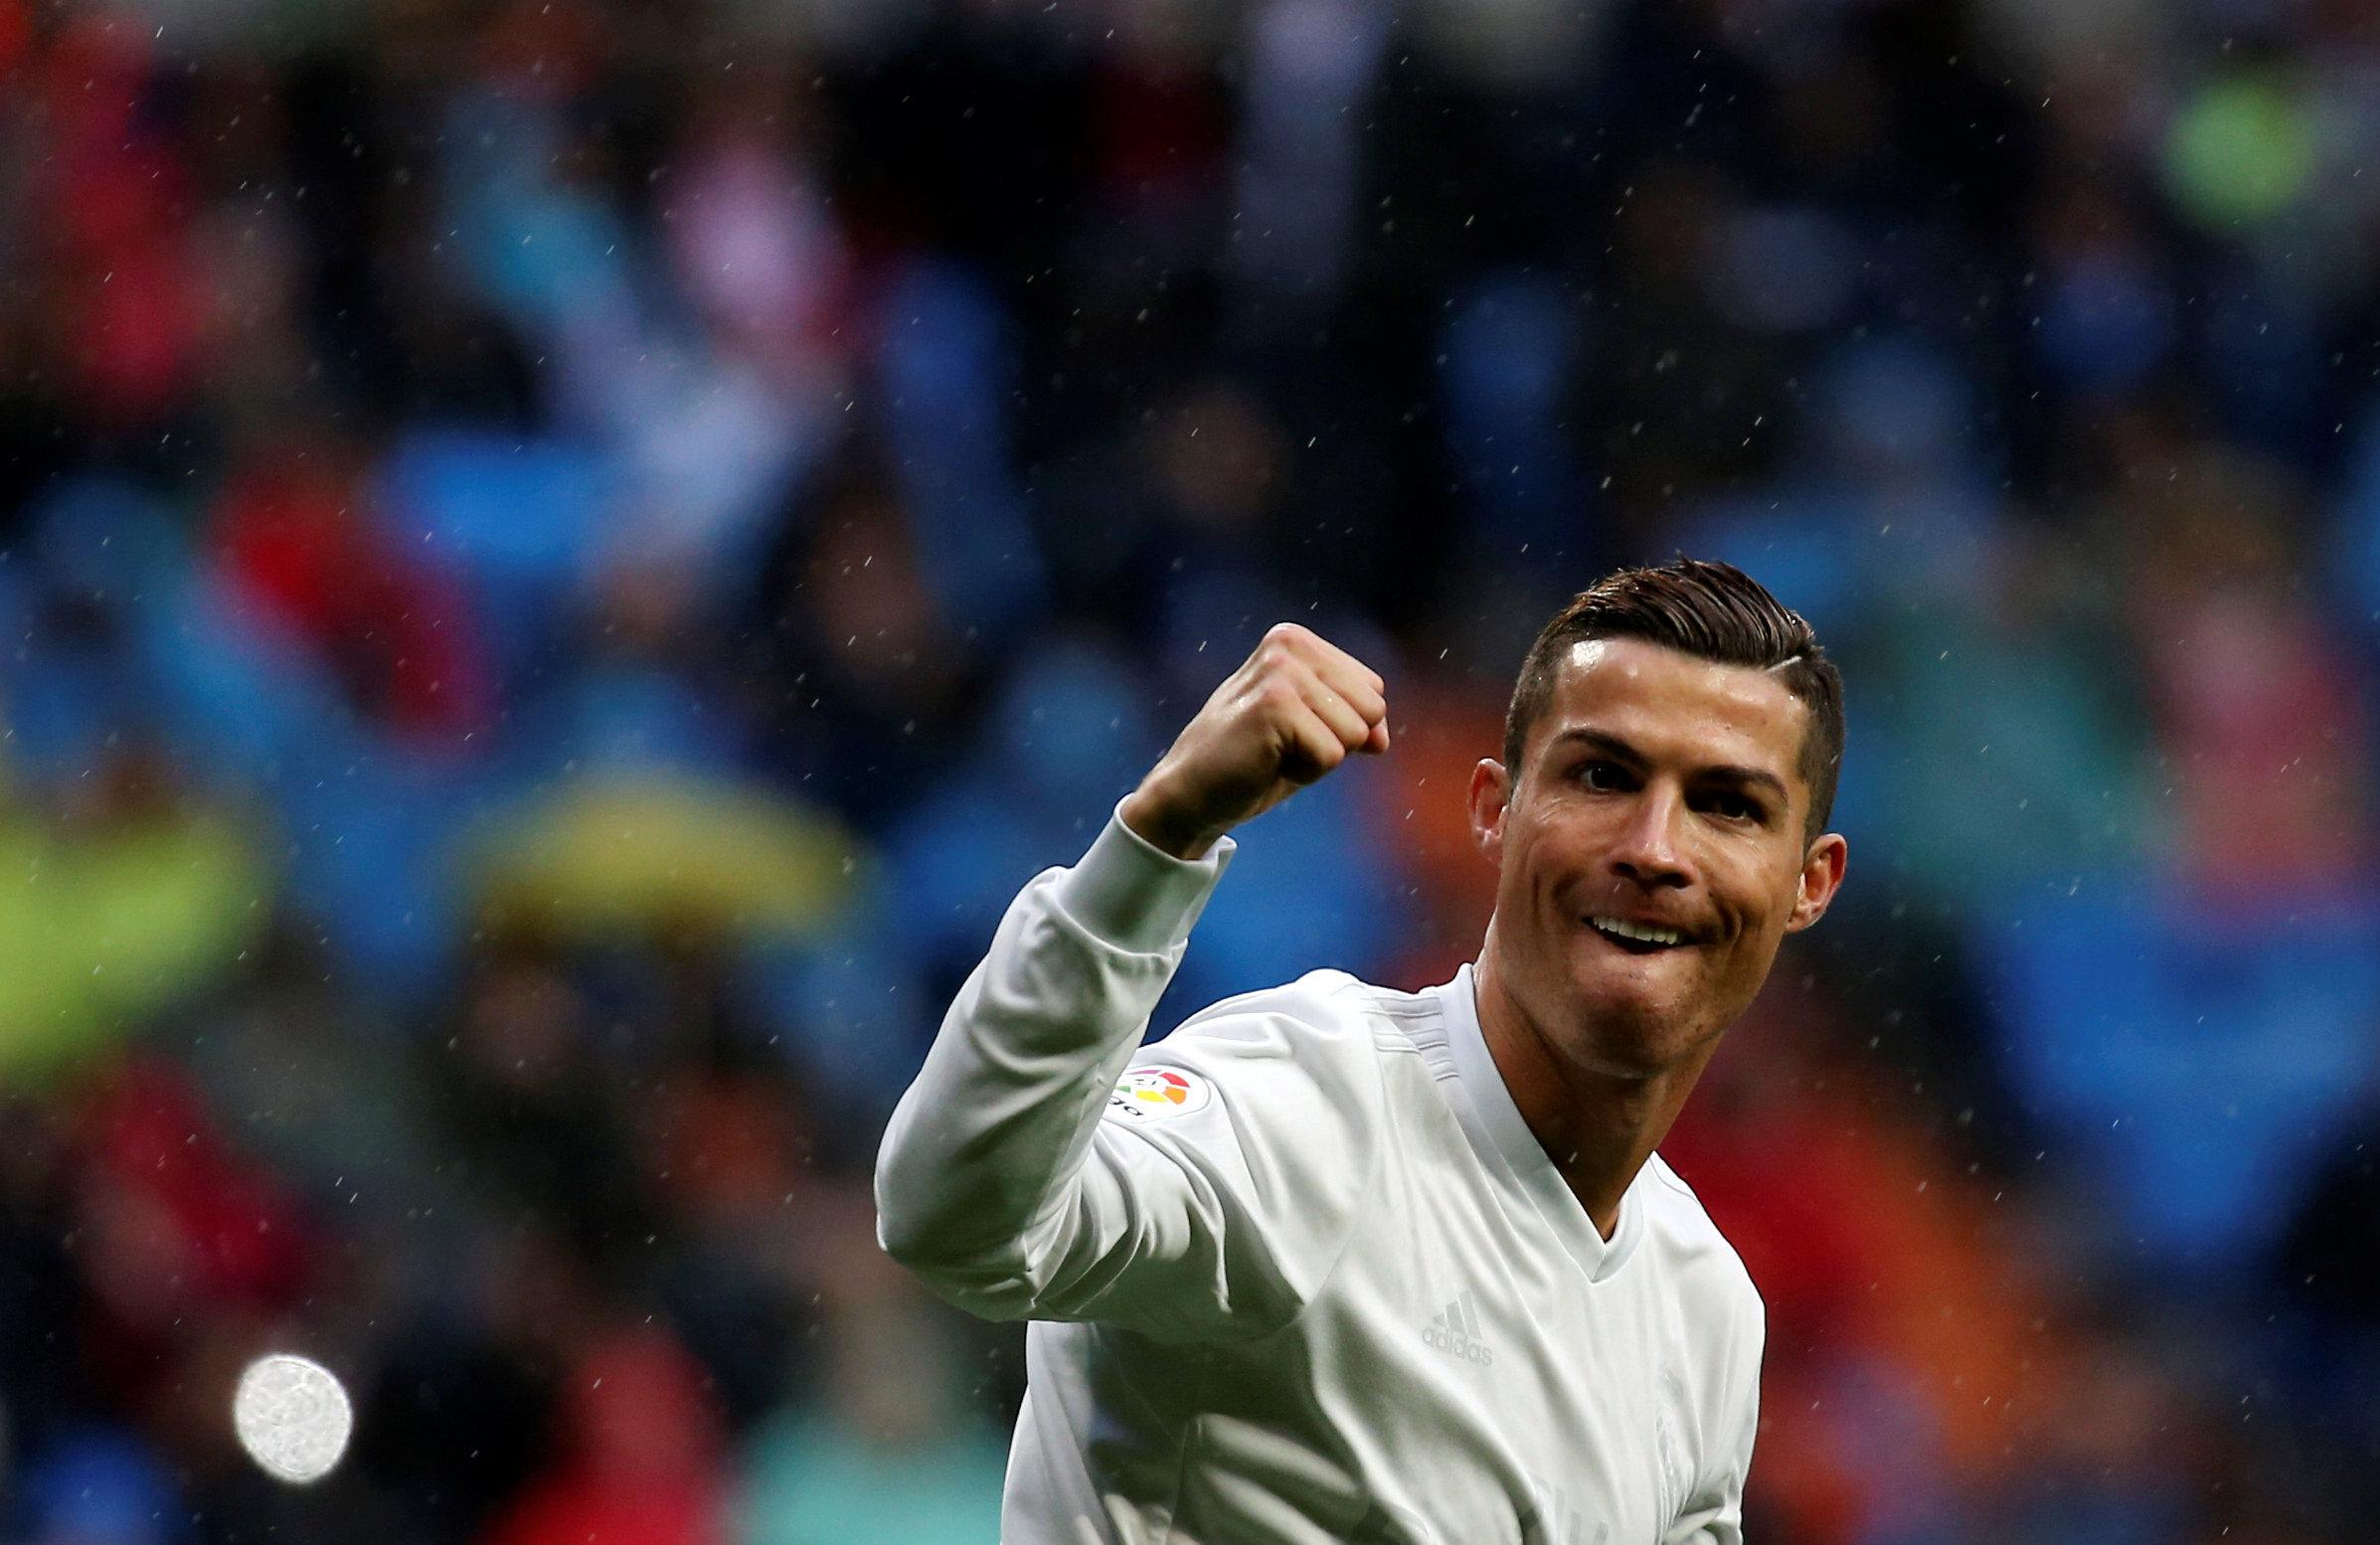 Португалия привезет сильнейший состав на Кубок Конфедераций 2017 в Россию.